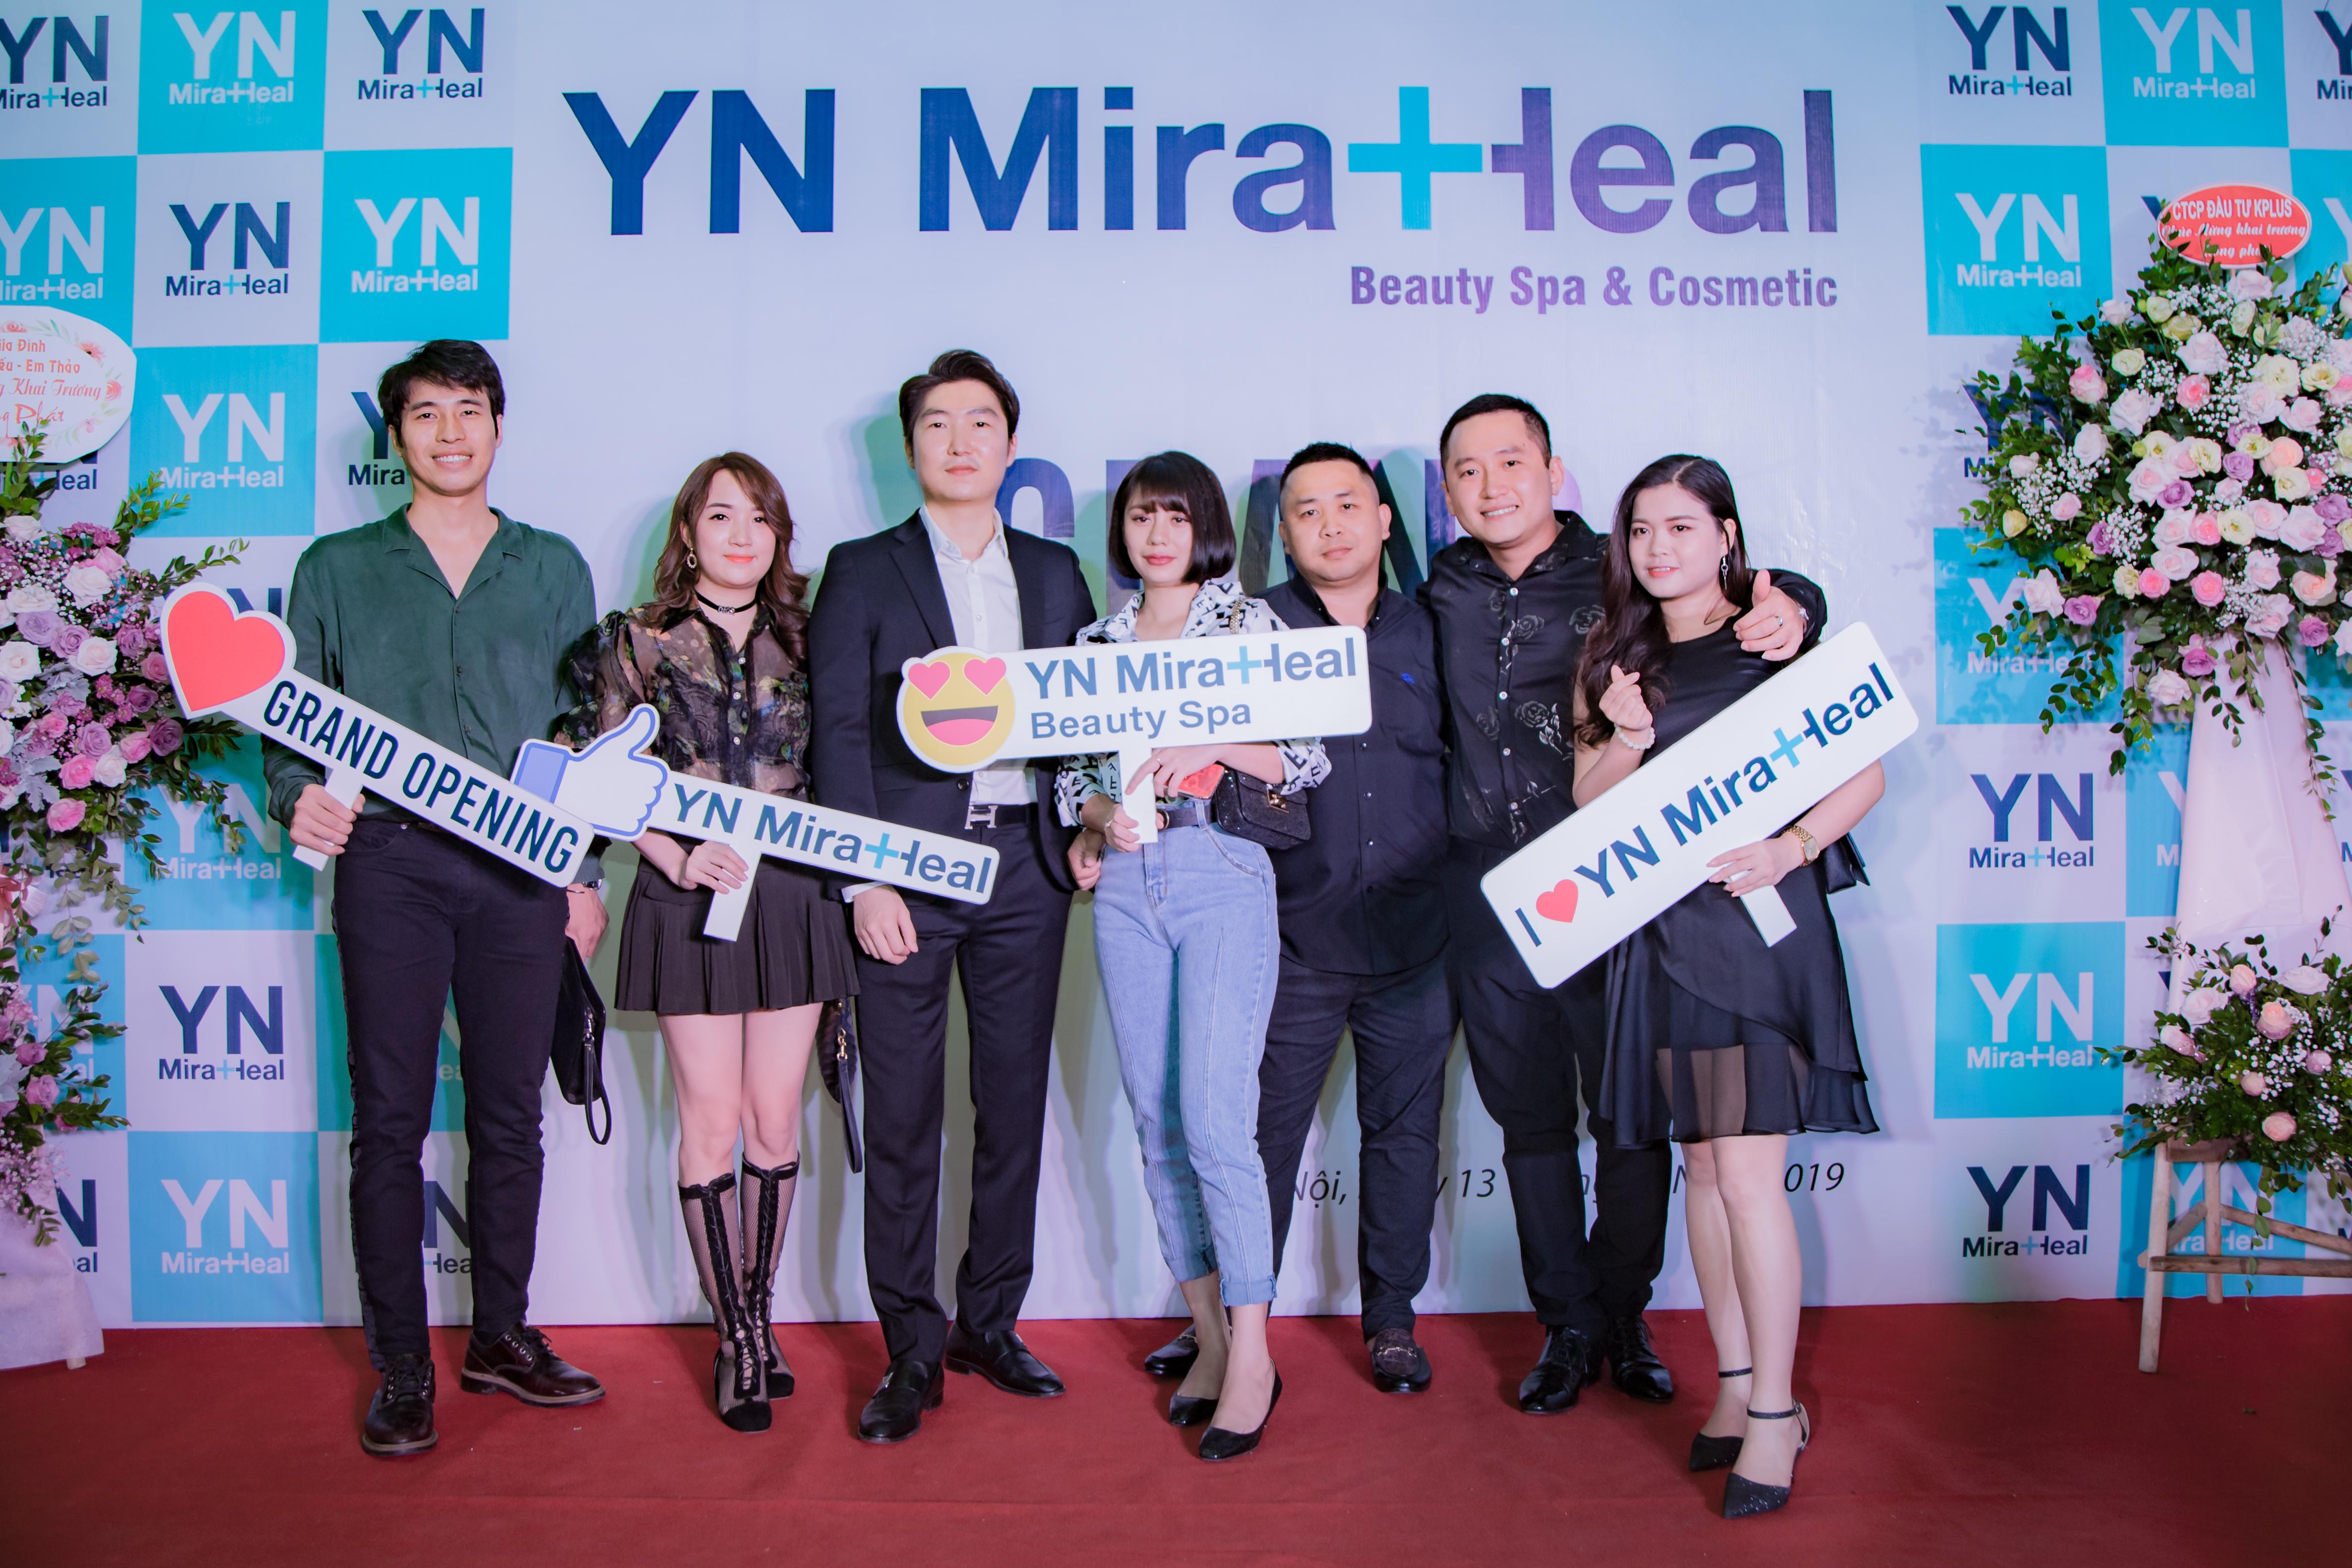 Ông Kim Jun Suk ( Giám đốc YN Miraheal Việt Nam) chụp hình lưu niệm cùng các khách mời trong chương trình